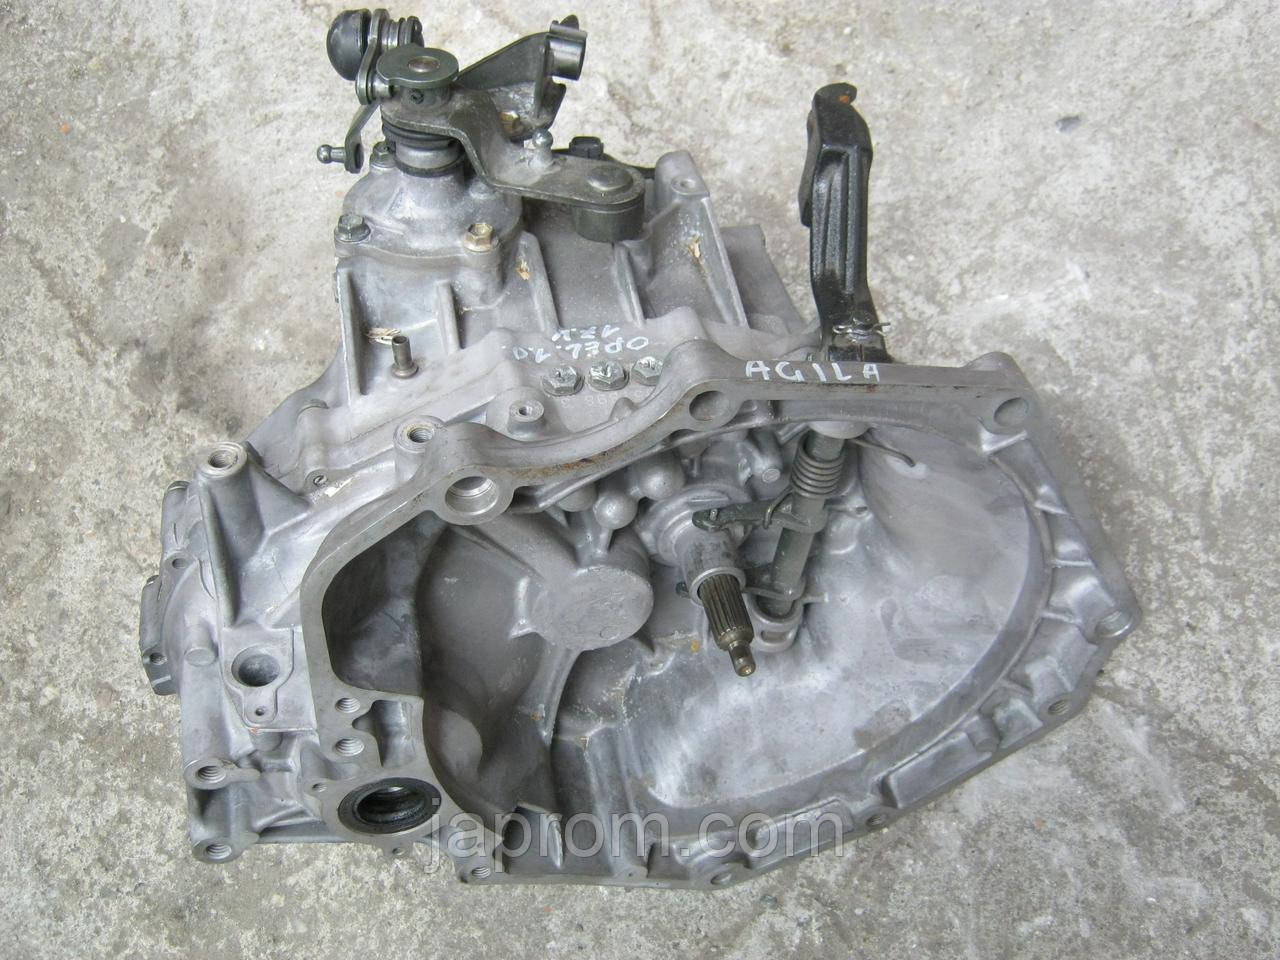 МКПП механическая коробка передач Opel Agila, 1.0 12V